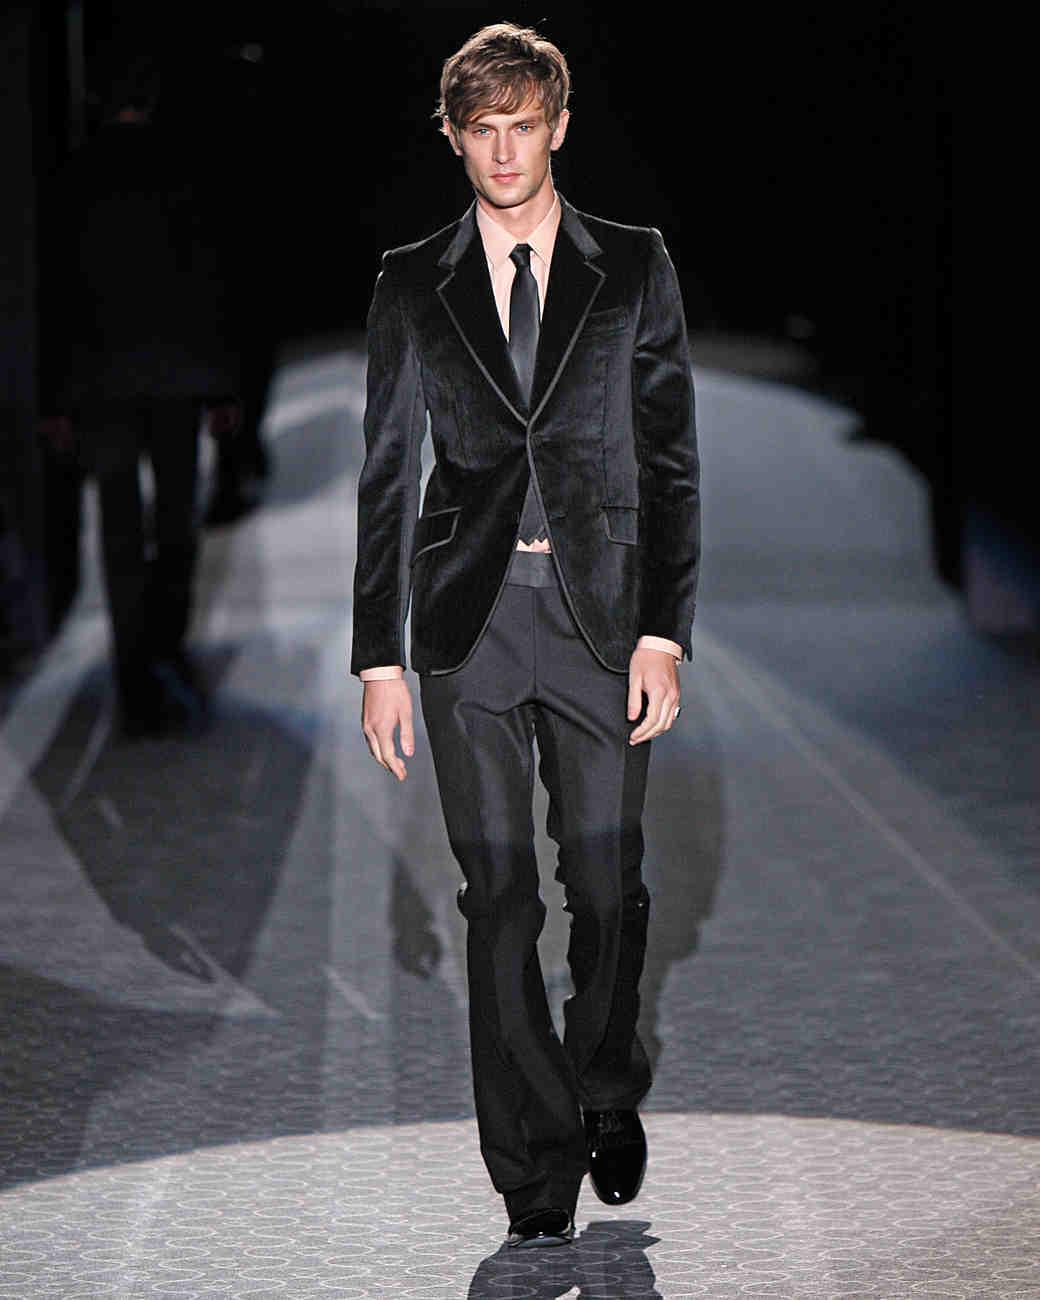 fashion-mathias-0811mwds107715.jpg